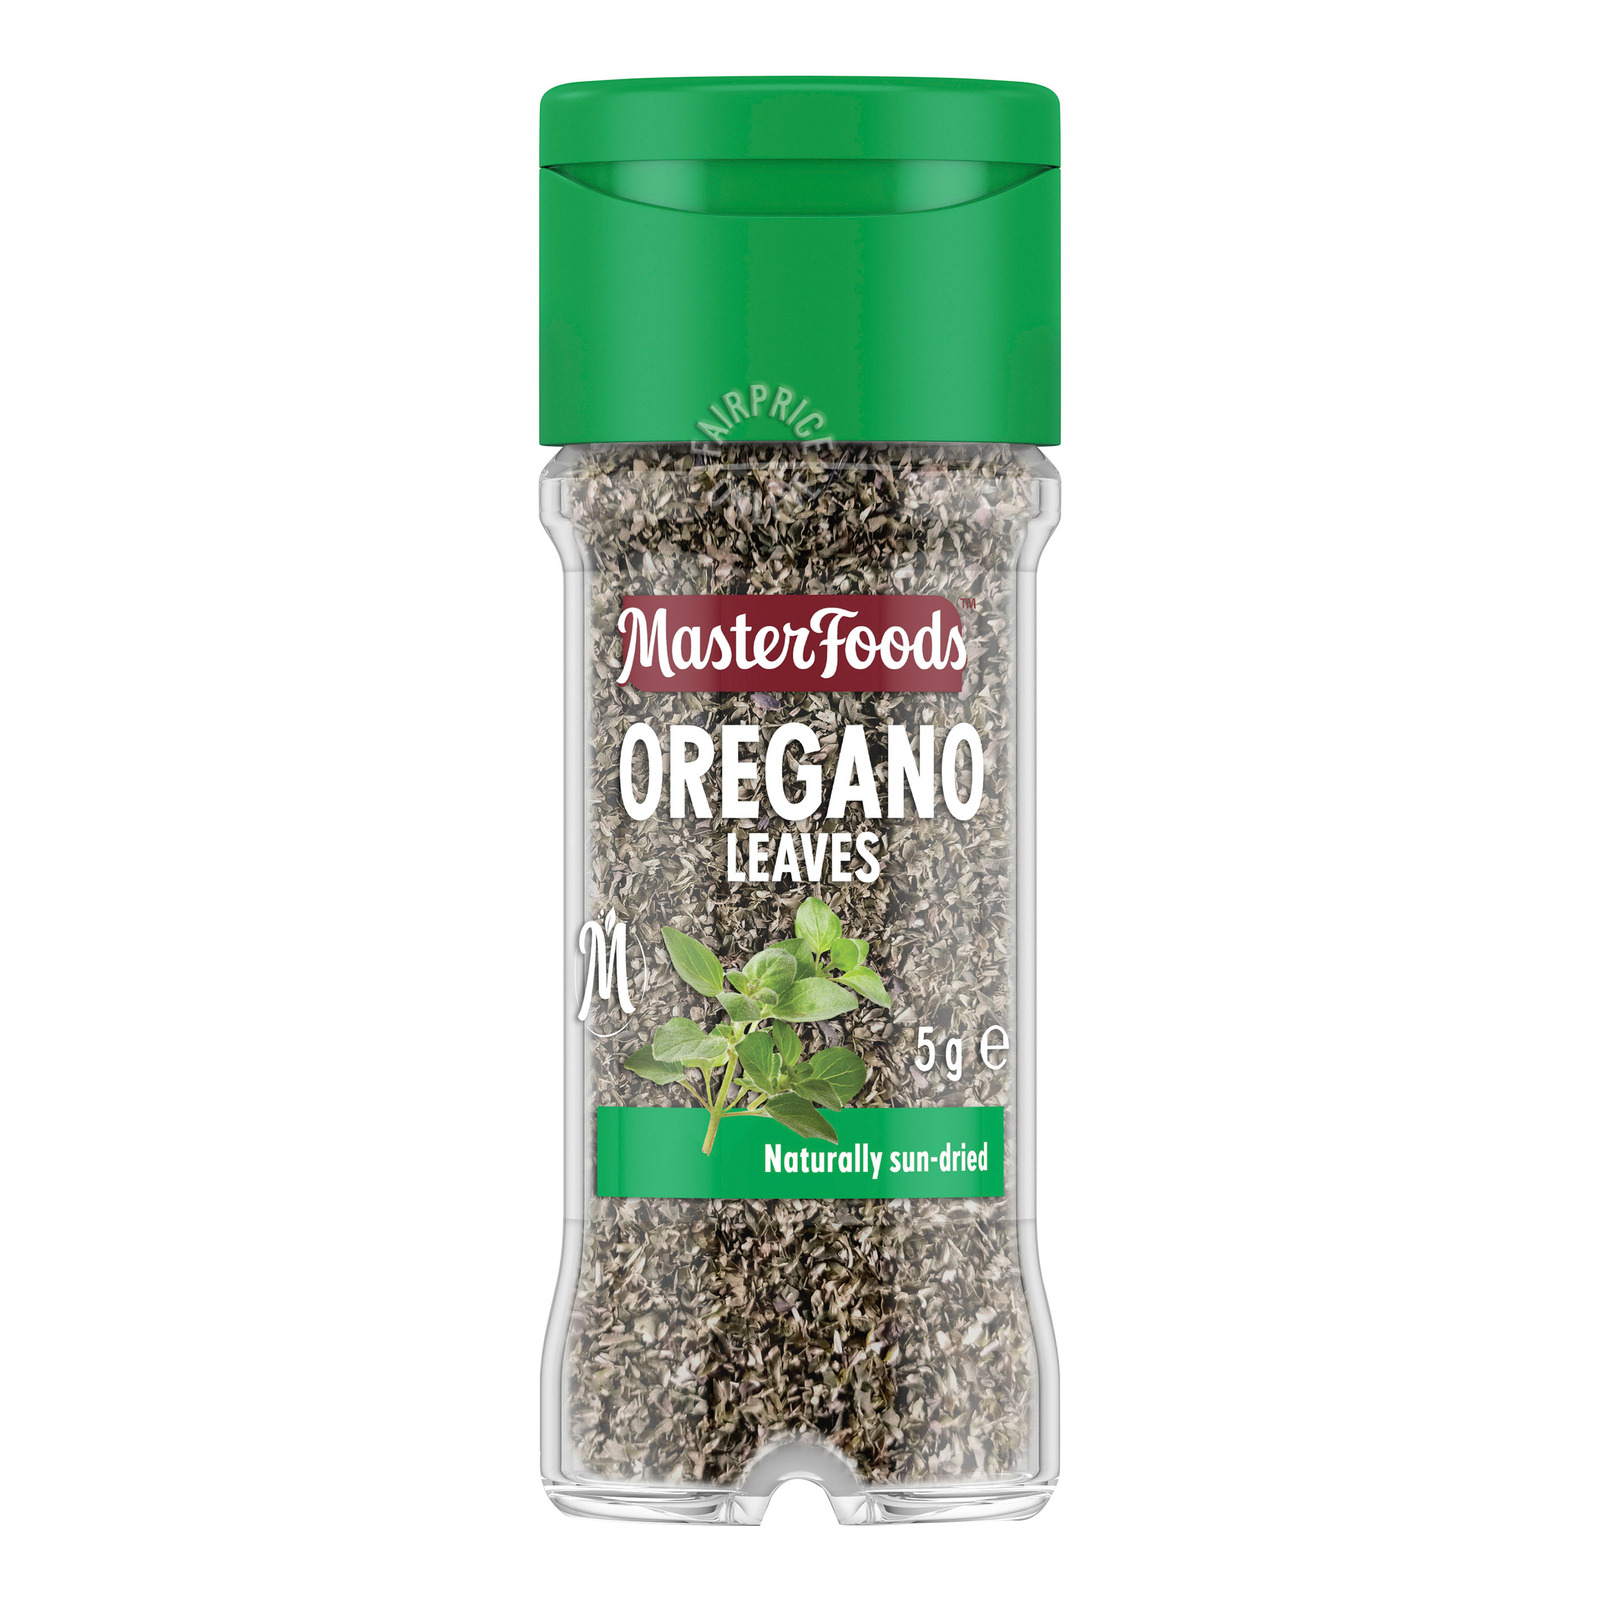 MasterFoods Herbs - Oregano Leaves